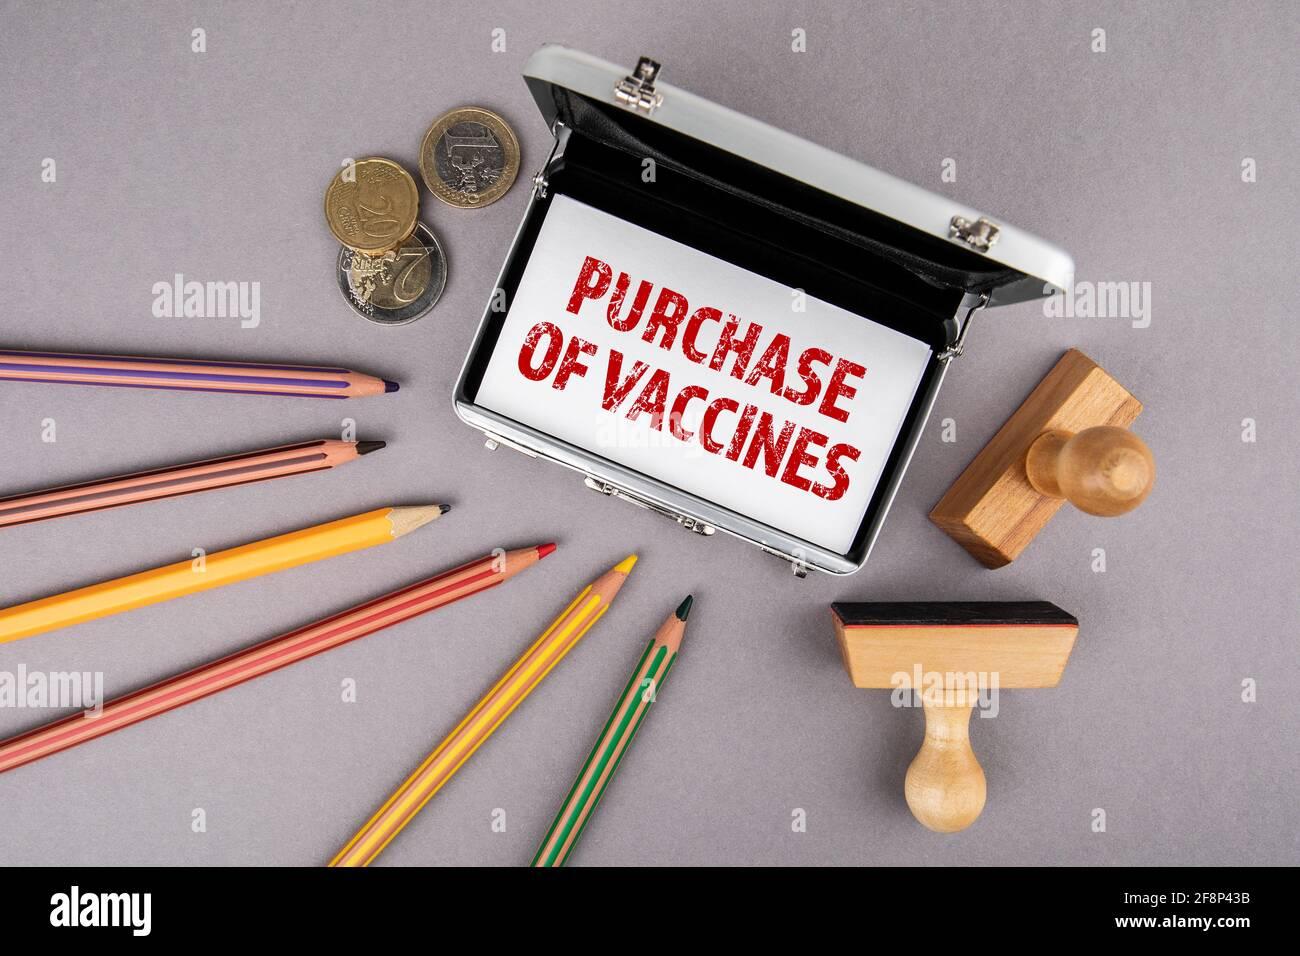 Achat de vaccins. Cartes de visite, crayons de couleur et euro Money sur un bureau gris. Banque D'Images